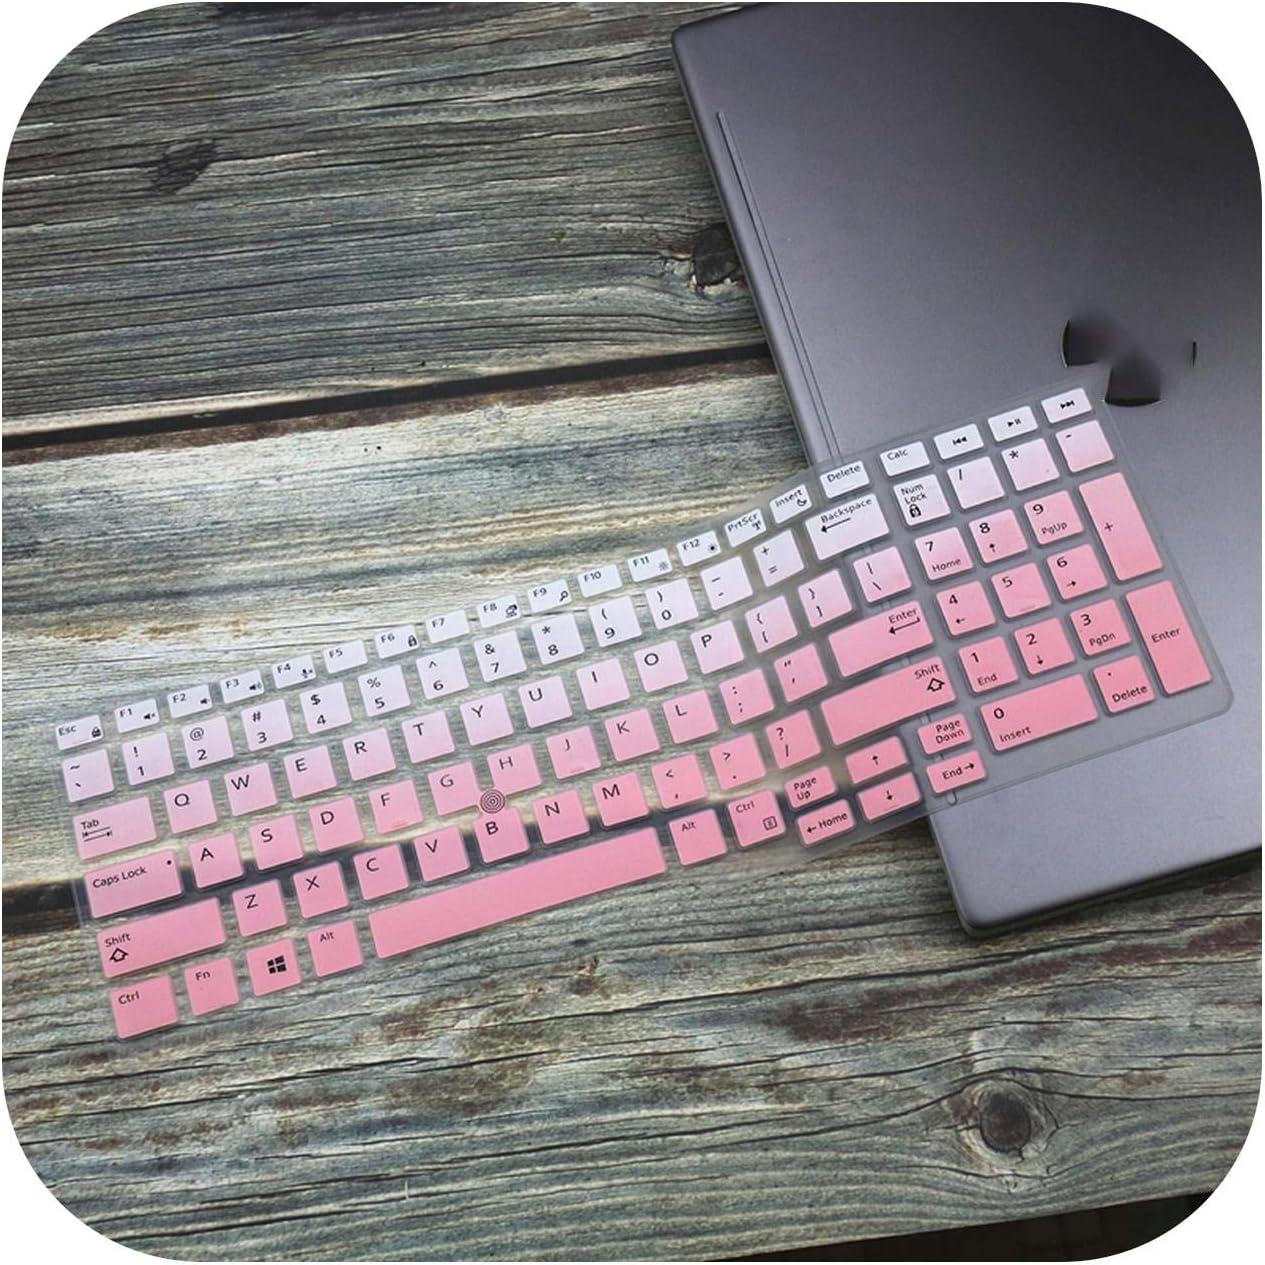 Silicone Laptop Keyboard Cover Skin for Dell Precision 3530 5530 7530 7540 7730 3510 E3530 E5530 E7530 E7730 E3510-Fadepink-